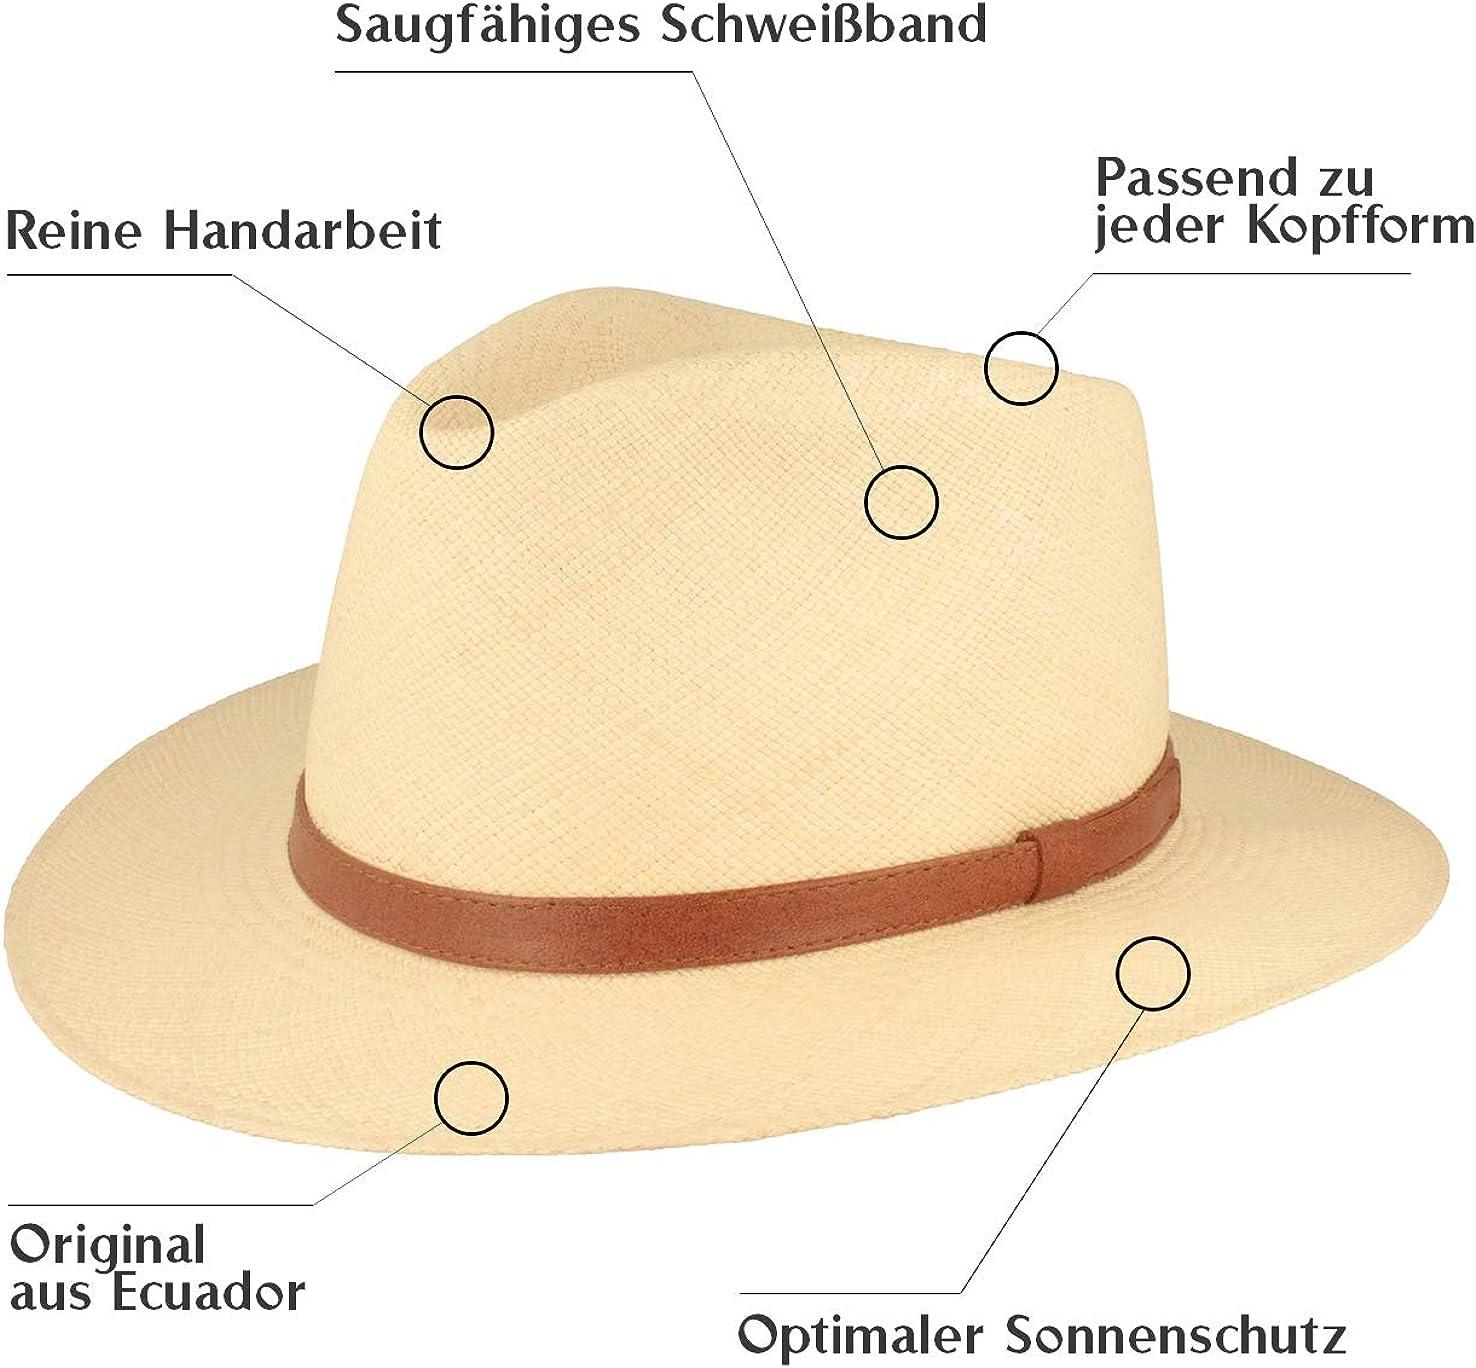 7,5 cm breite Krempe ORIGINAL Panama-Hut Stroh-Hut Sommer-Hut aus Ecuador Traditionell Handgeflochten in Brisa 4 Flechtung Lederband /& Bruchschutz -Wei/ß